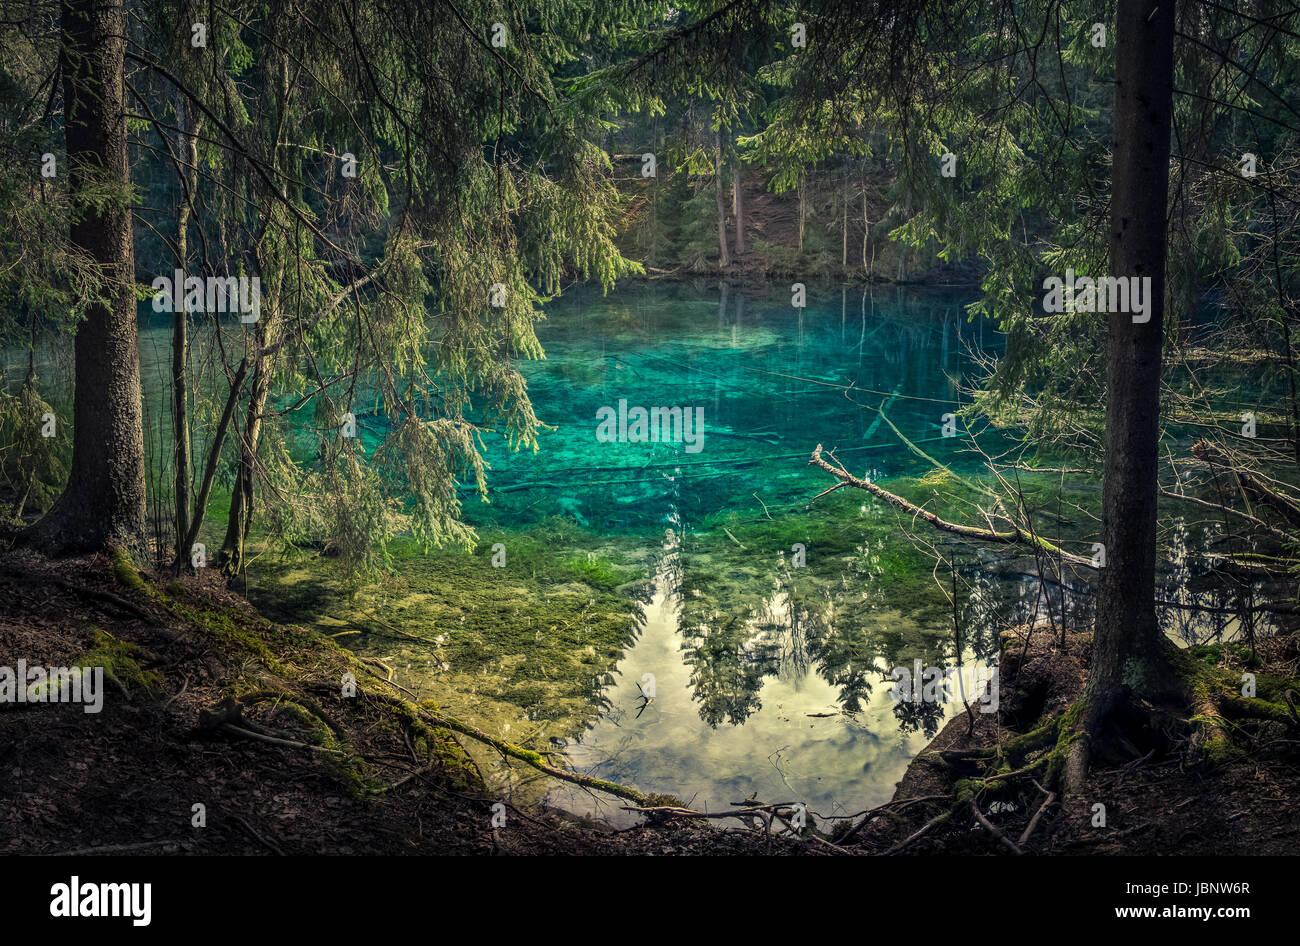 Manantial natural en el sur de Finlandia. El agua es tan claro que es color turquesa. El agua se puede beber directamente Imagen De Stock